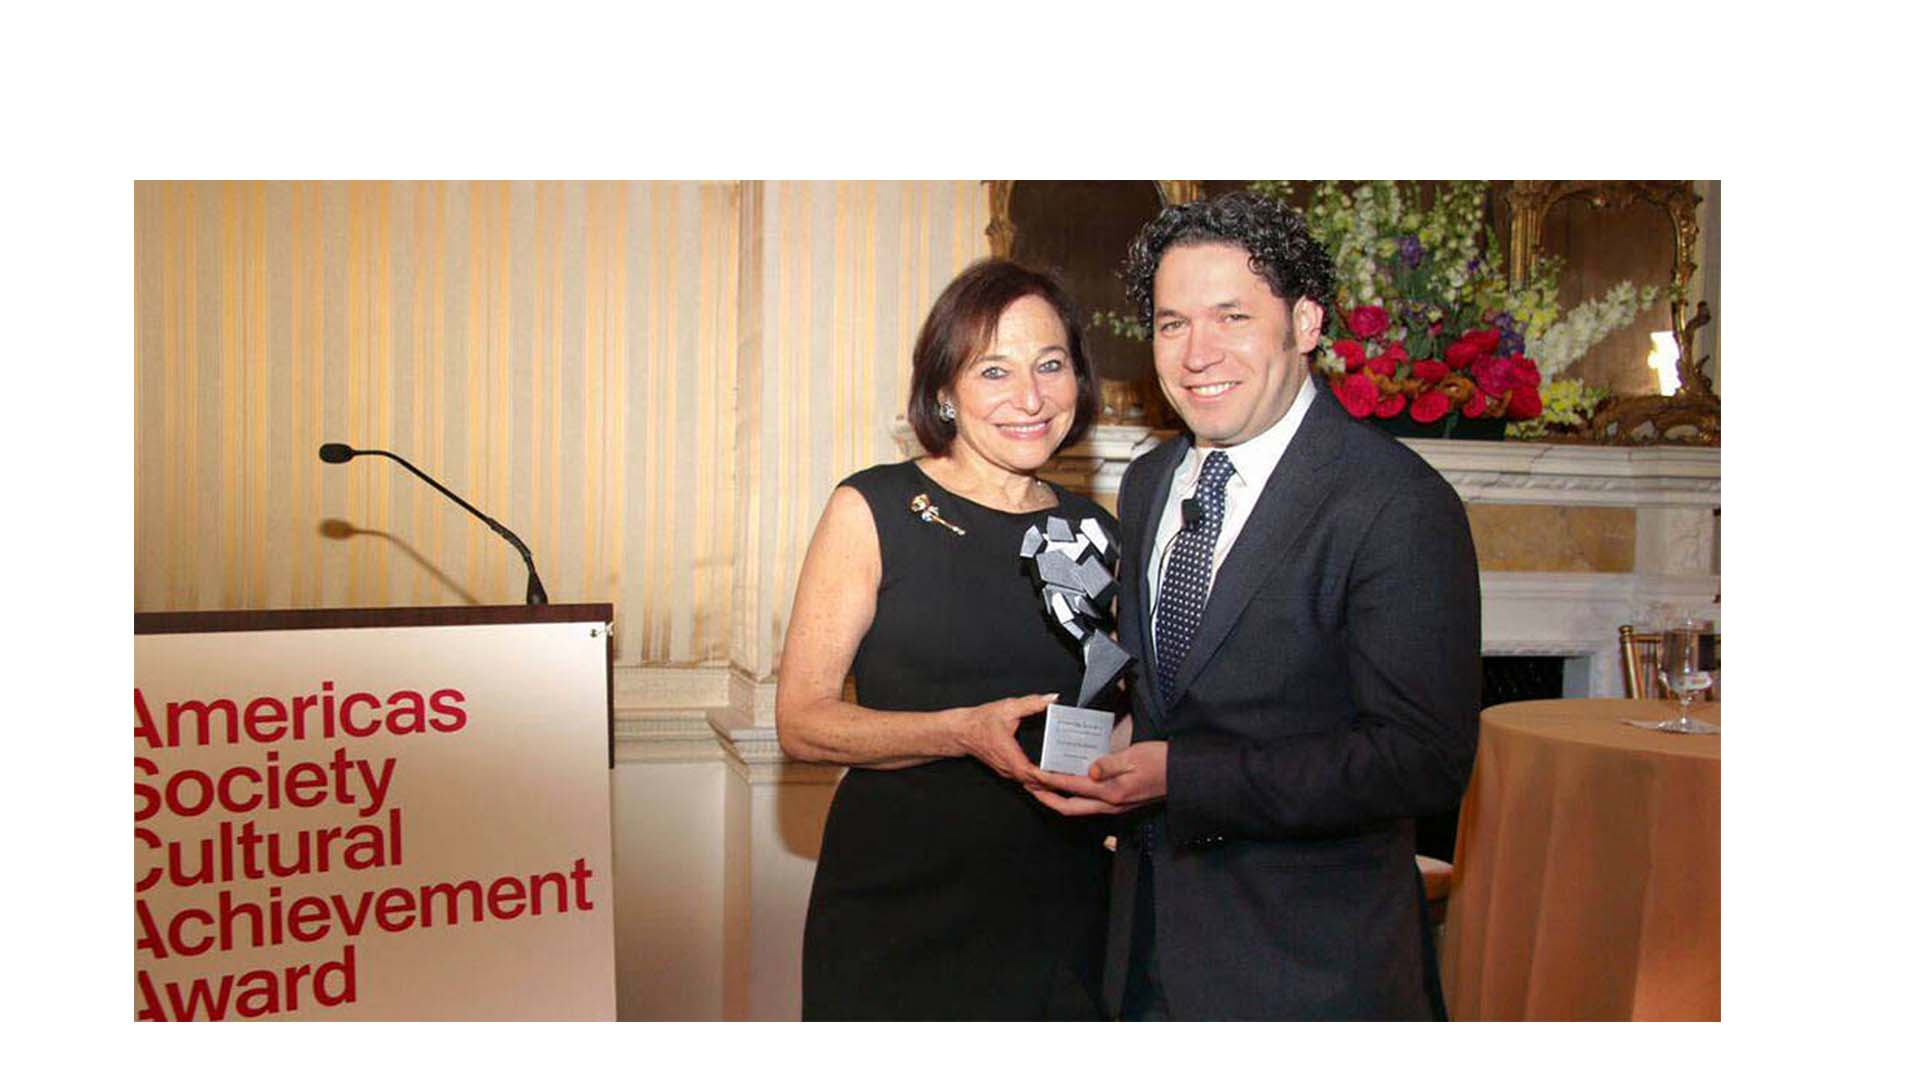 La Americas Society premió al director de orquesta criollo por sus realizaciones artísticas y humanitarias